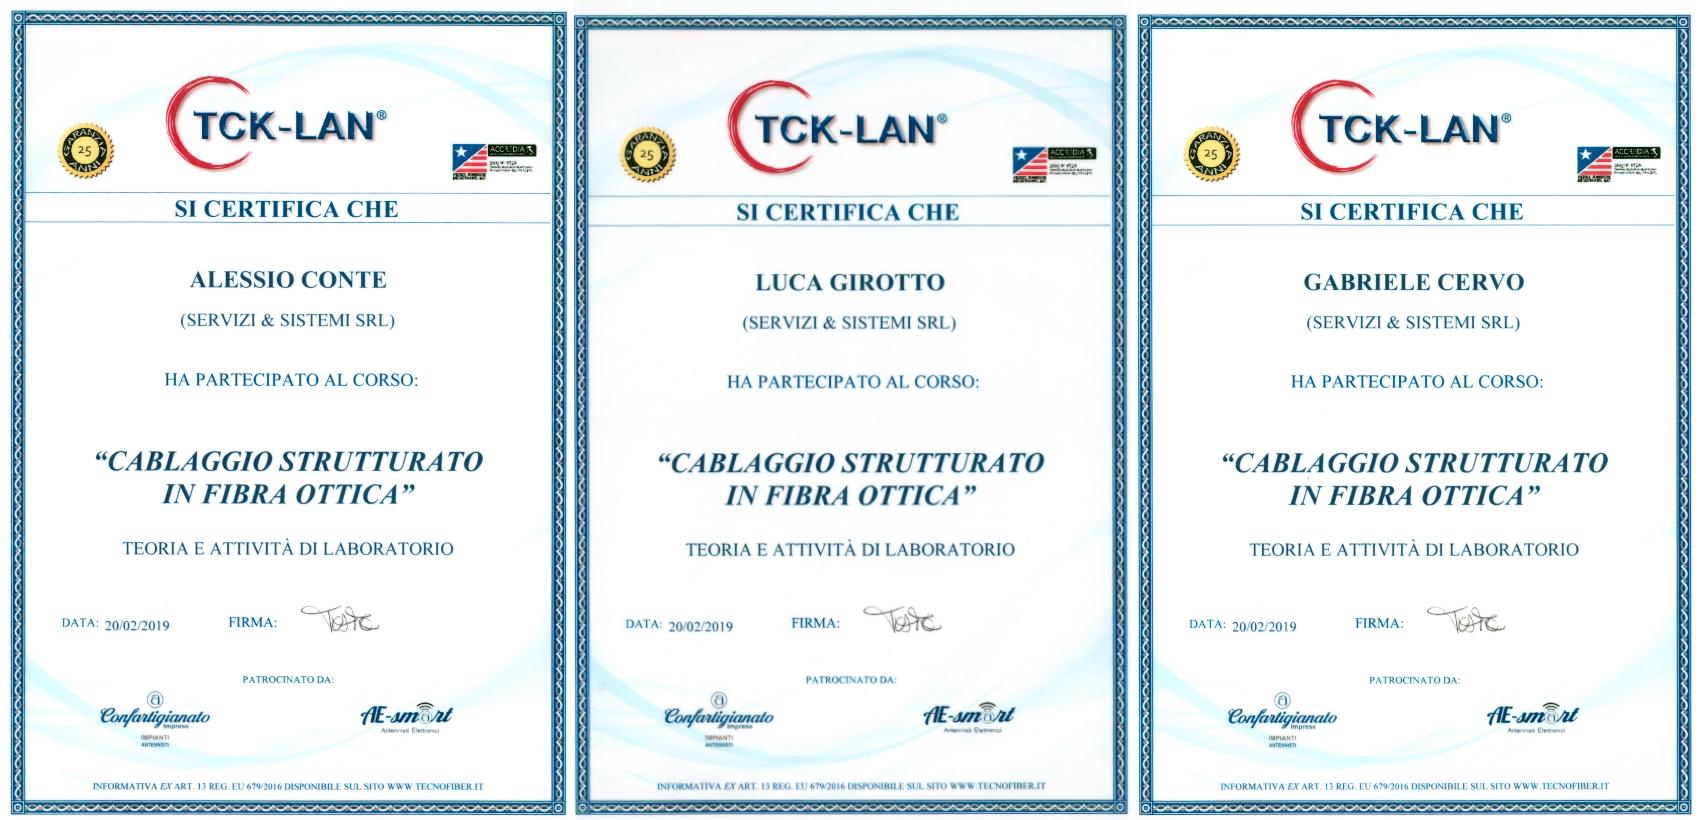 attestato certificazione fibra ottica tck-lan